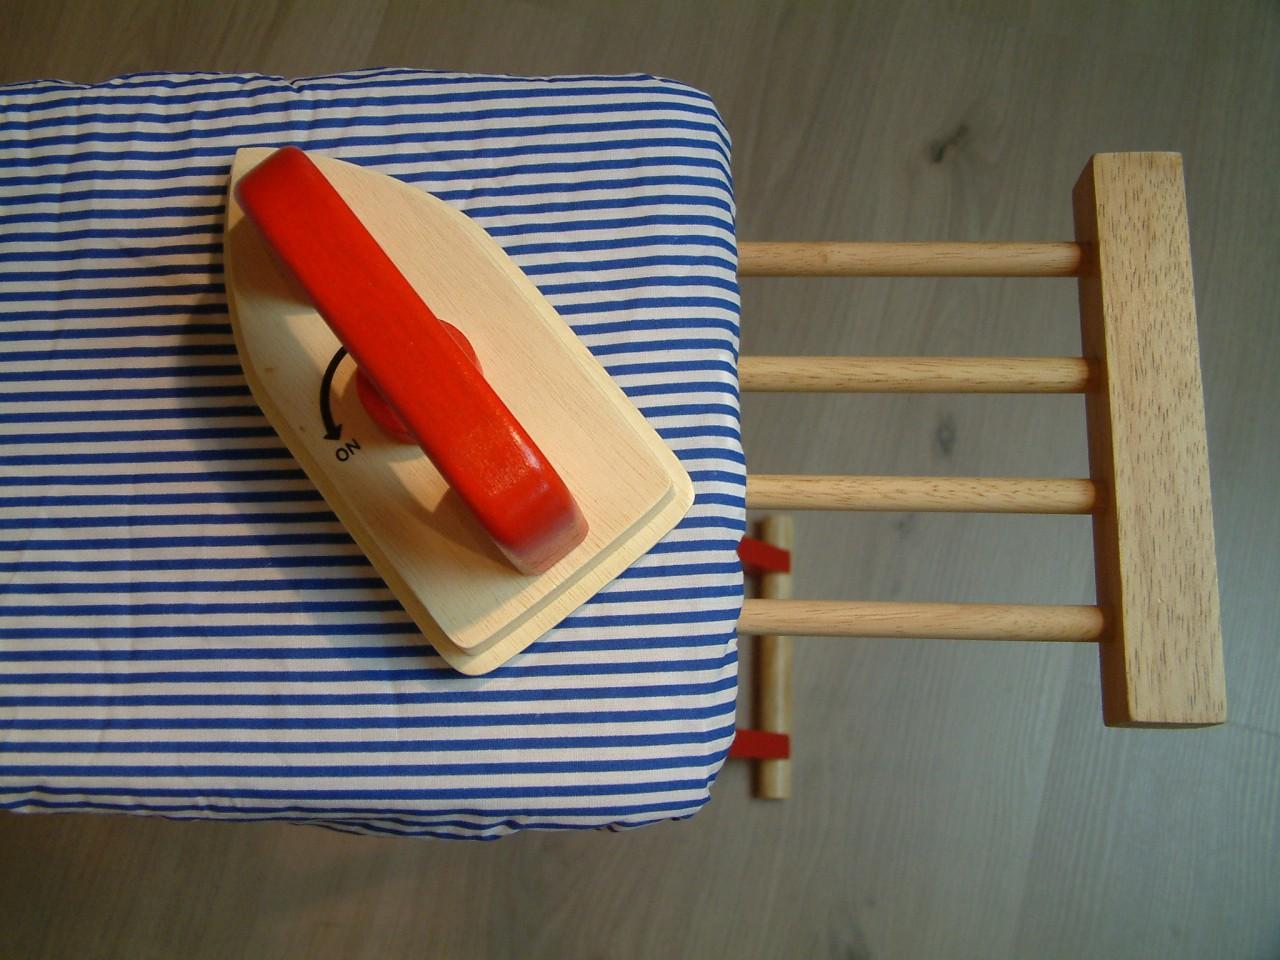 aufklappbares kinder b gelbrett mit blau wei gestreiftem. Black Bedroom Furniture Sets. Home Design Ideas